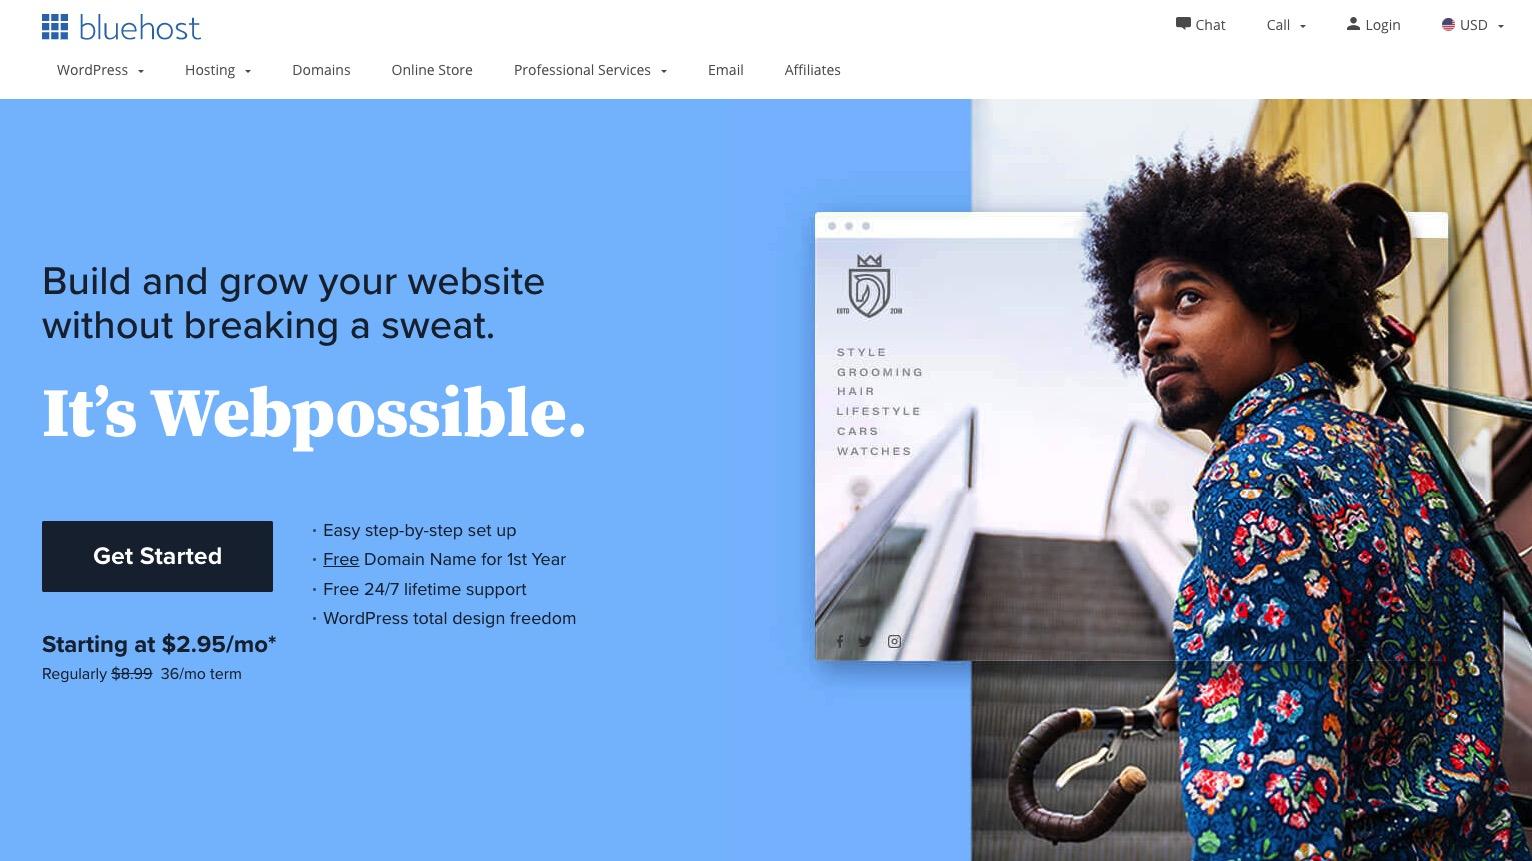 Bluehost-domain registrar